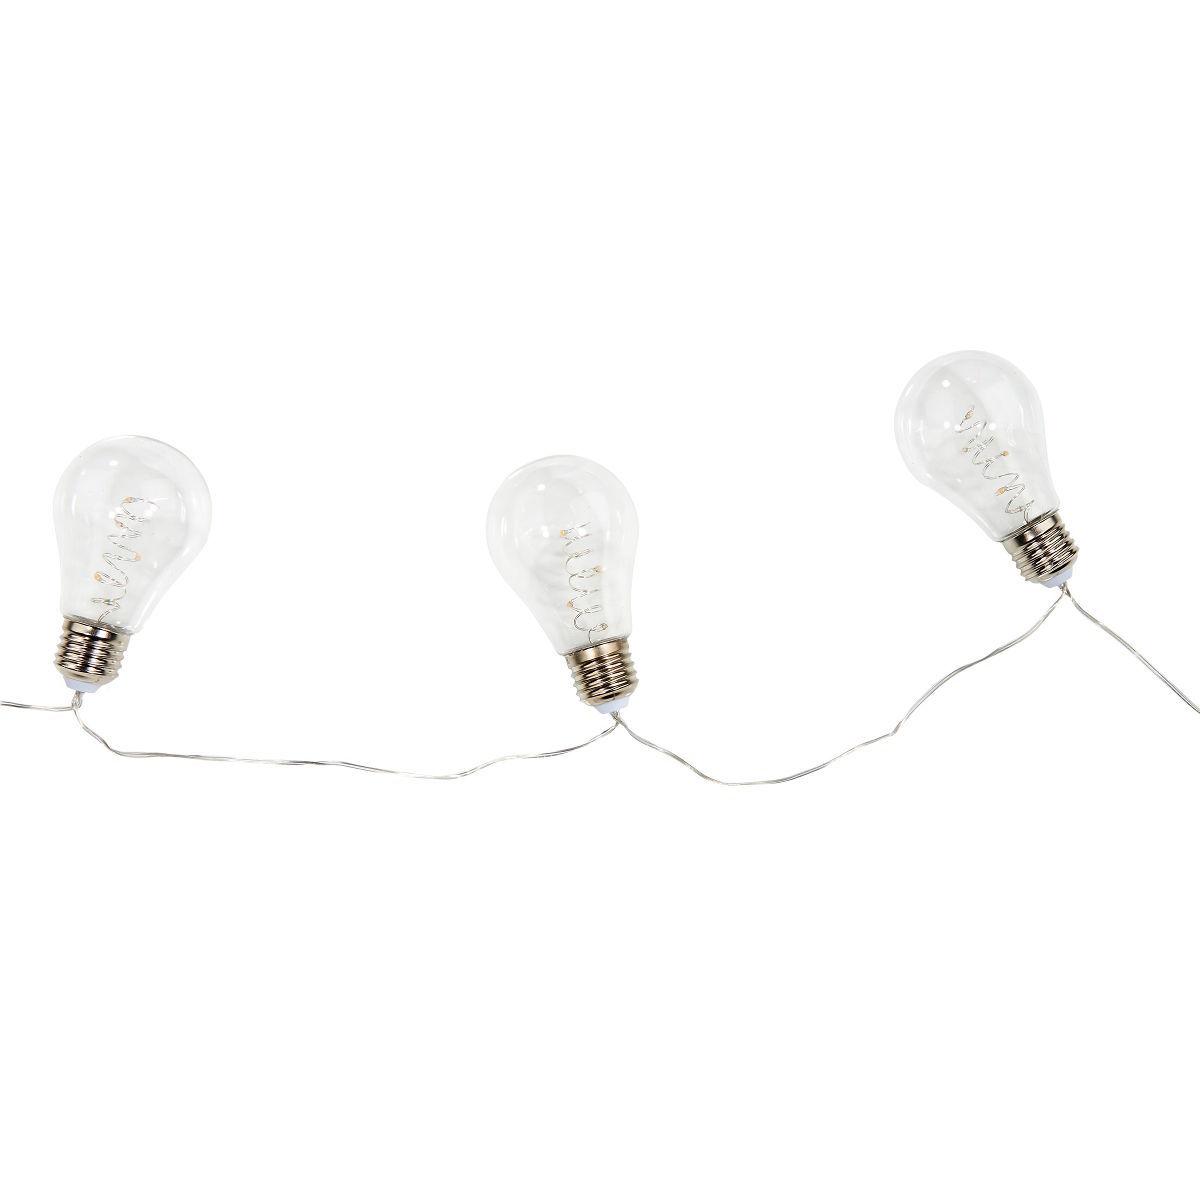 Bild 3 von LED Glühbirnenkette 10 Lichter transparent